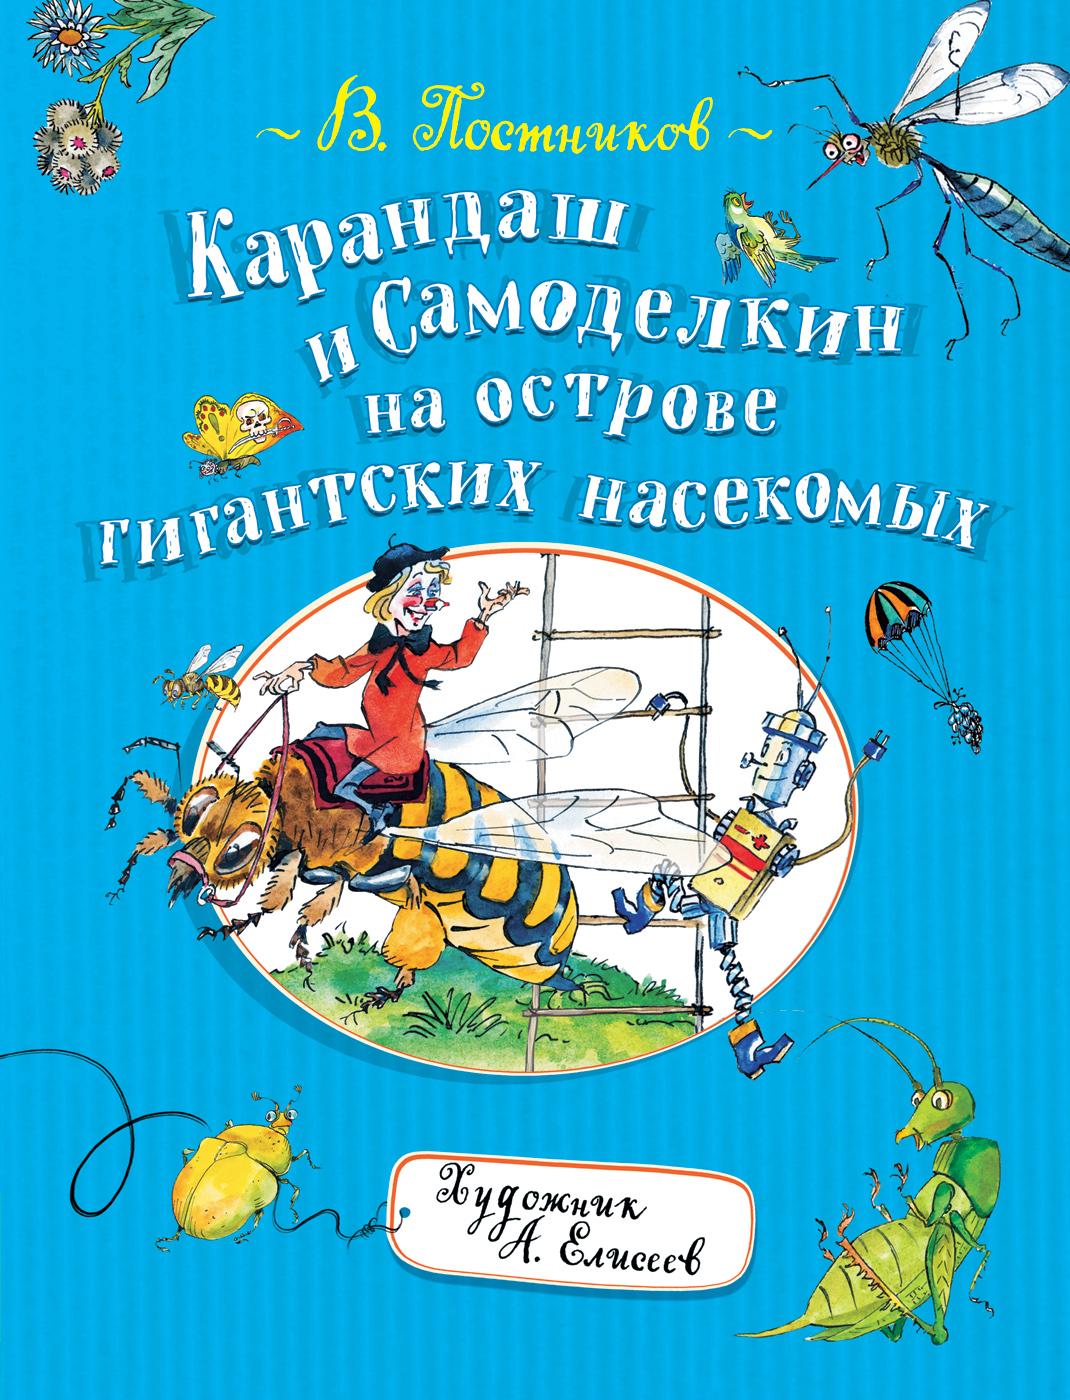 Постников В. Ф. Карандаш и Самоделкин на острове гигантских насекомых